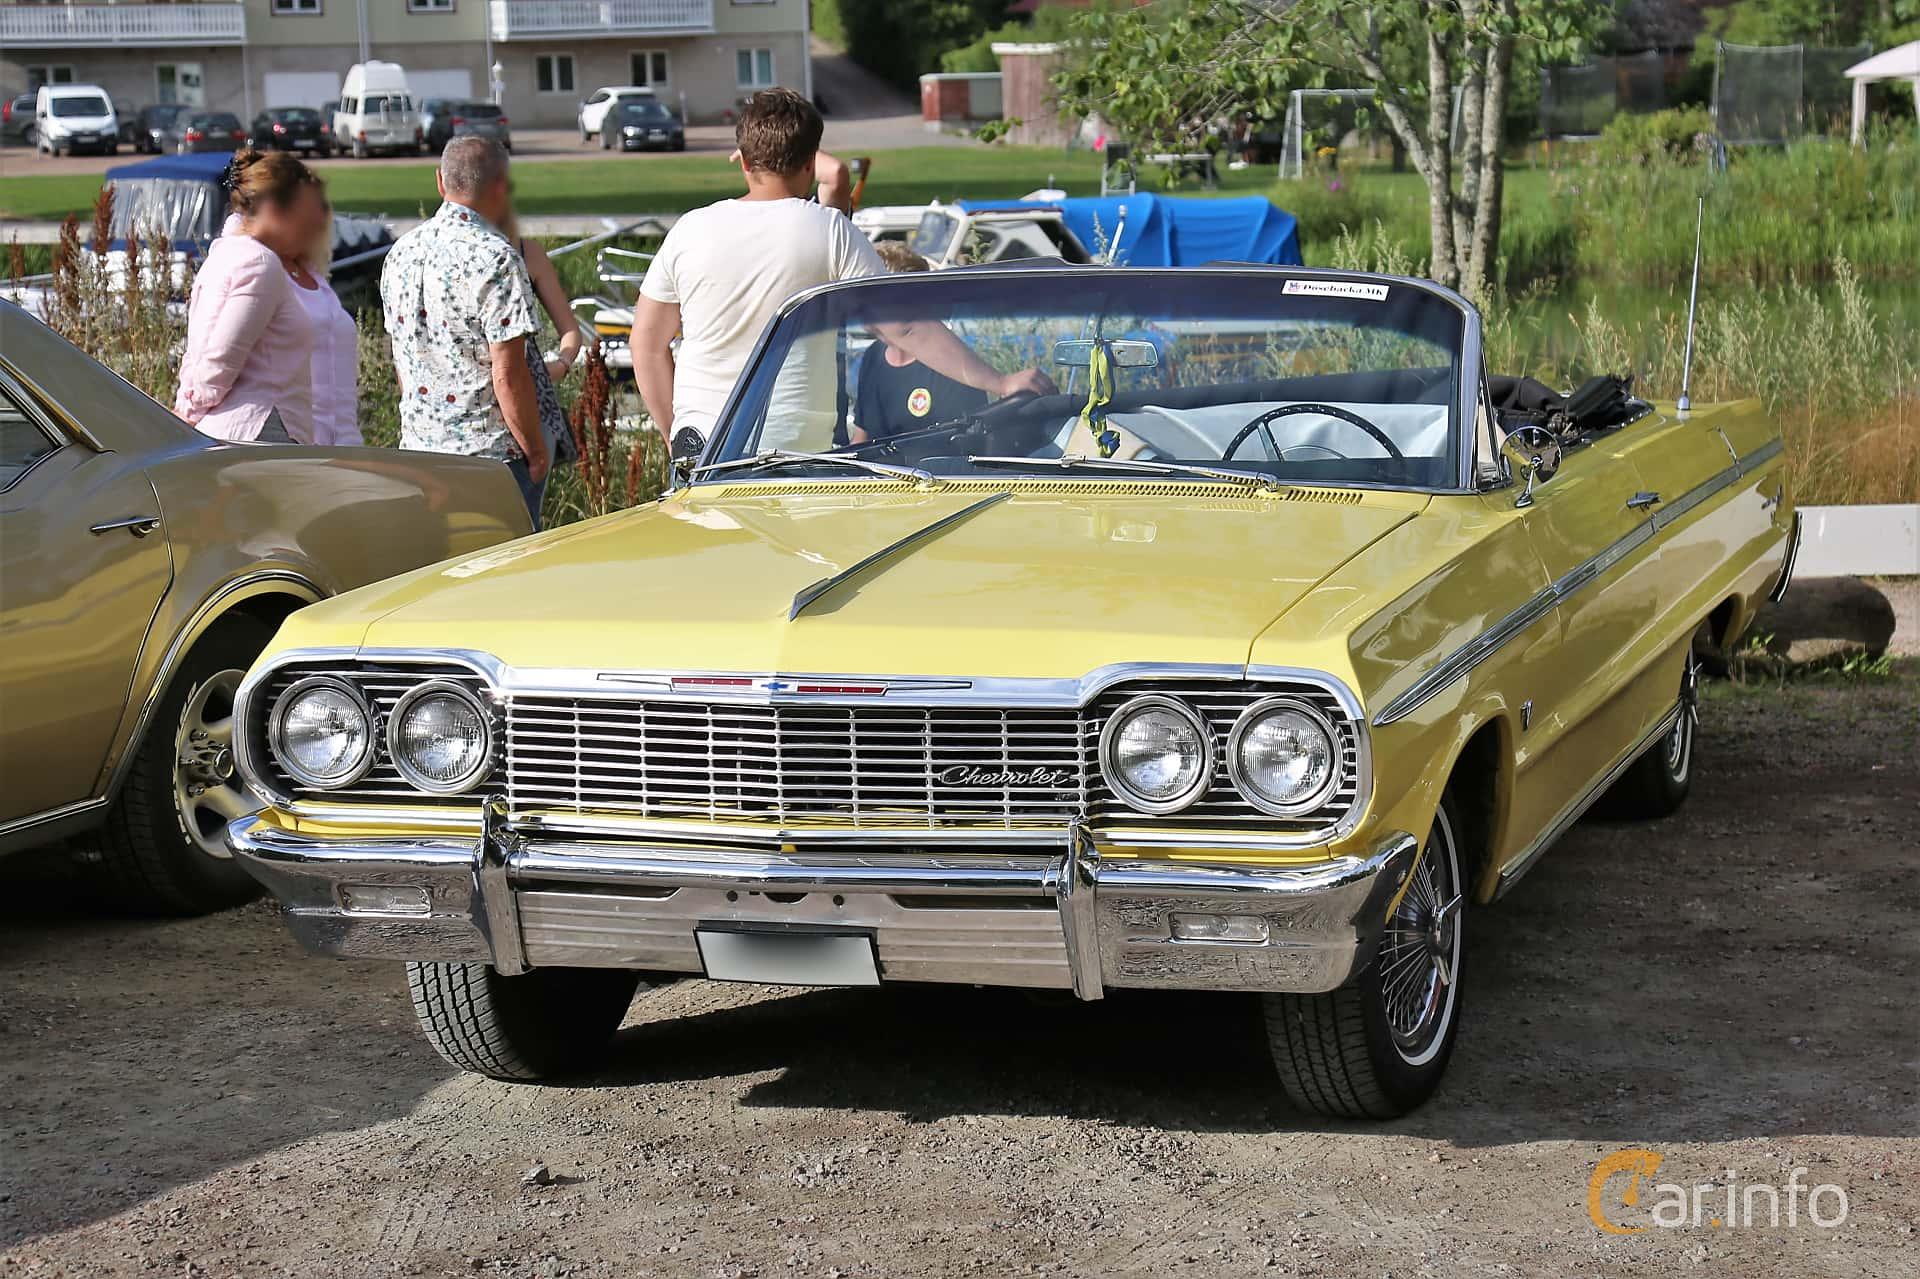 Chevrolet Impala Super Sport Convertible 4.6 V8 Powerglide, 198hp, 1964 at Kungälvs Kulturhistoriska Fordonsvänner  2019 Torsdag vecka 31